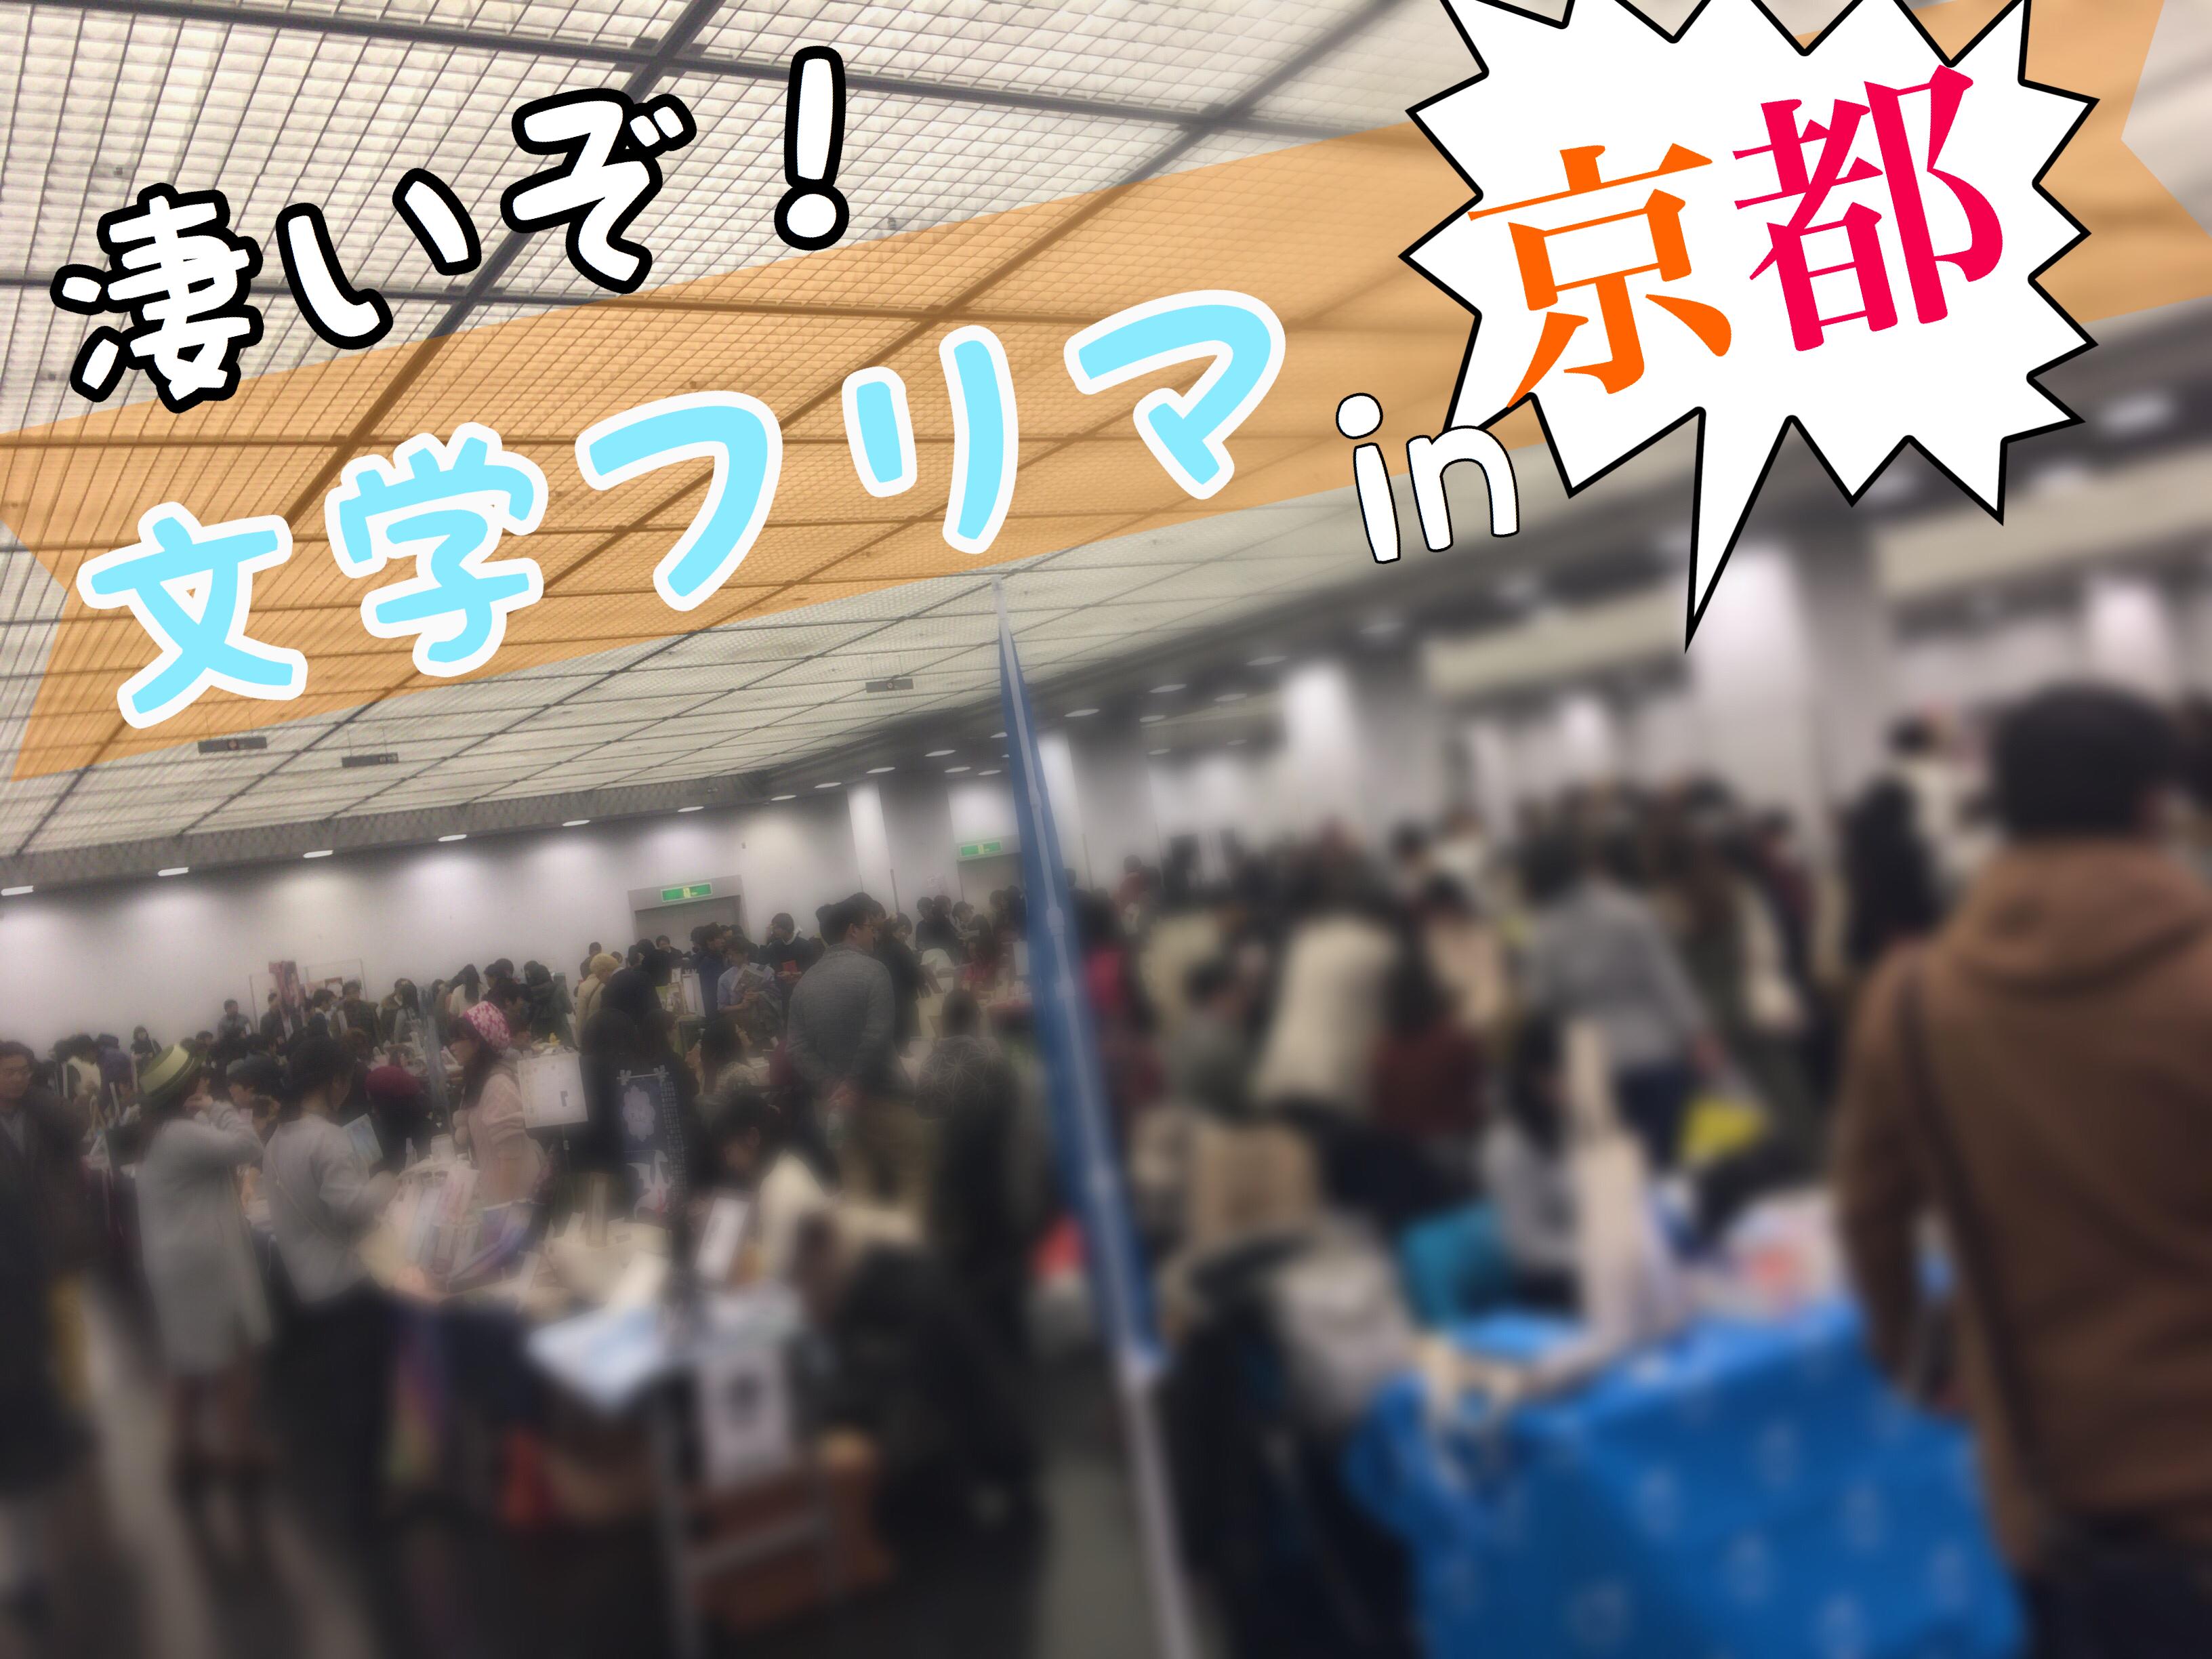 【京都文フリ】素敵な出会い編【一般参加】